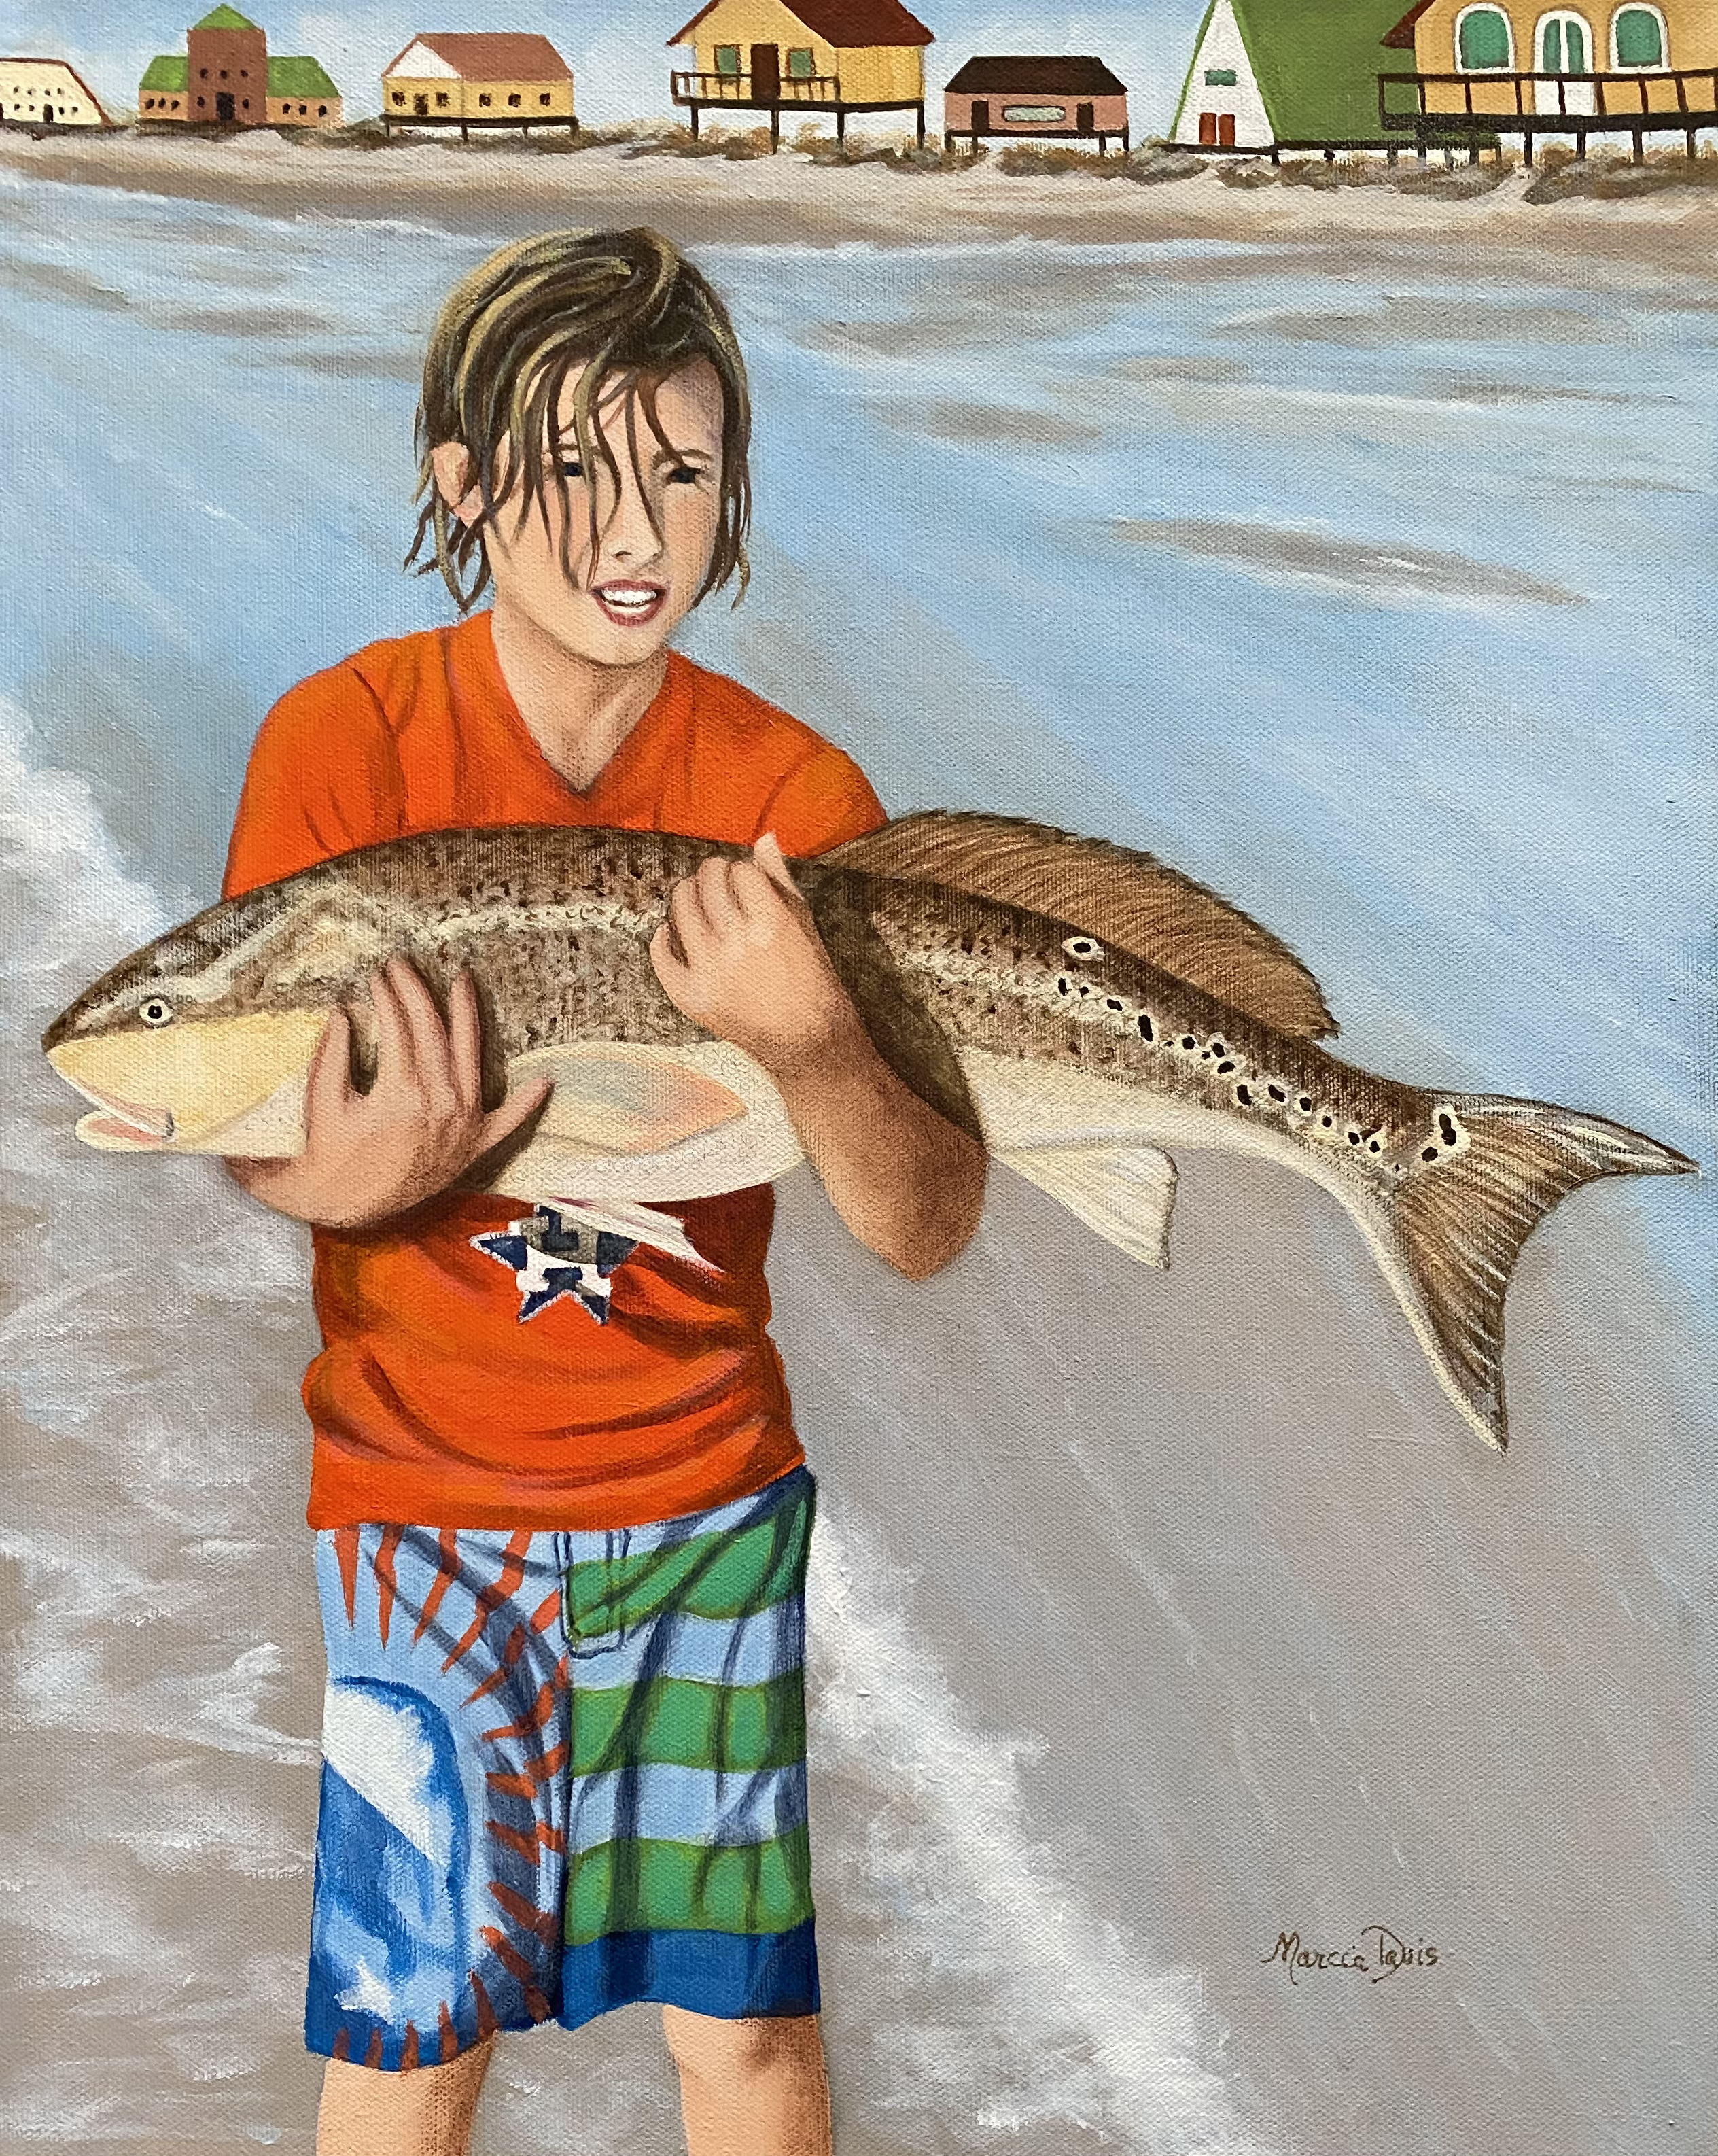 SOLD - Lane's Red Fish